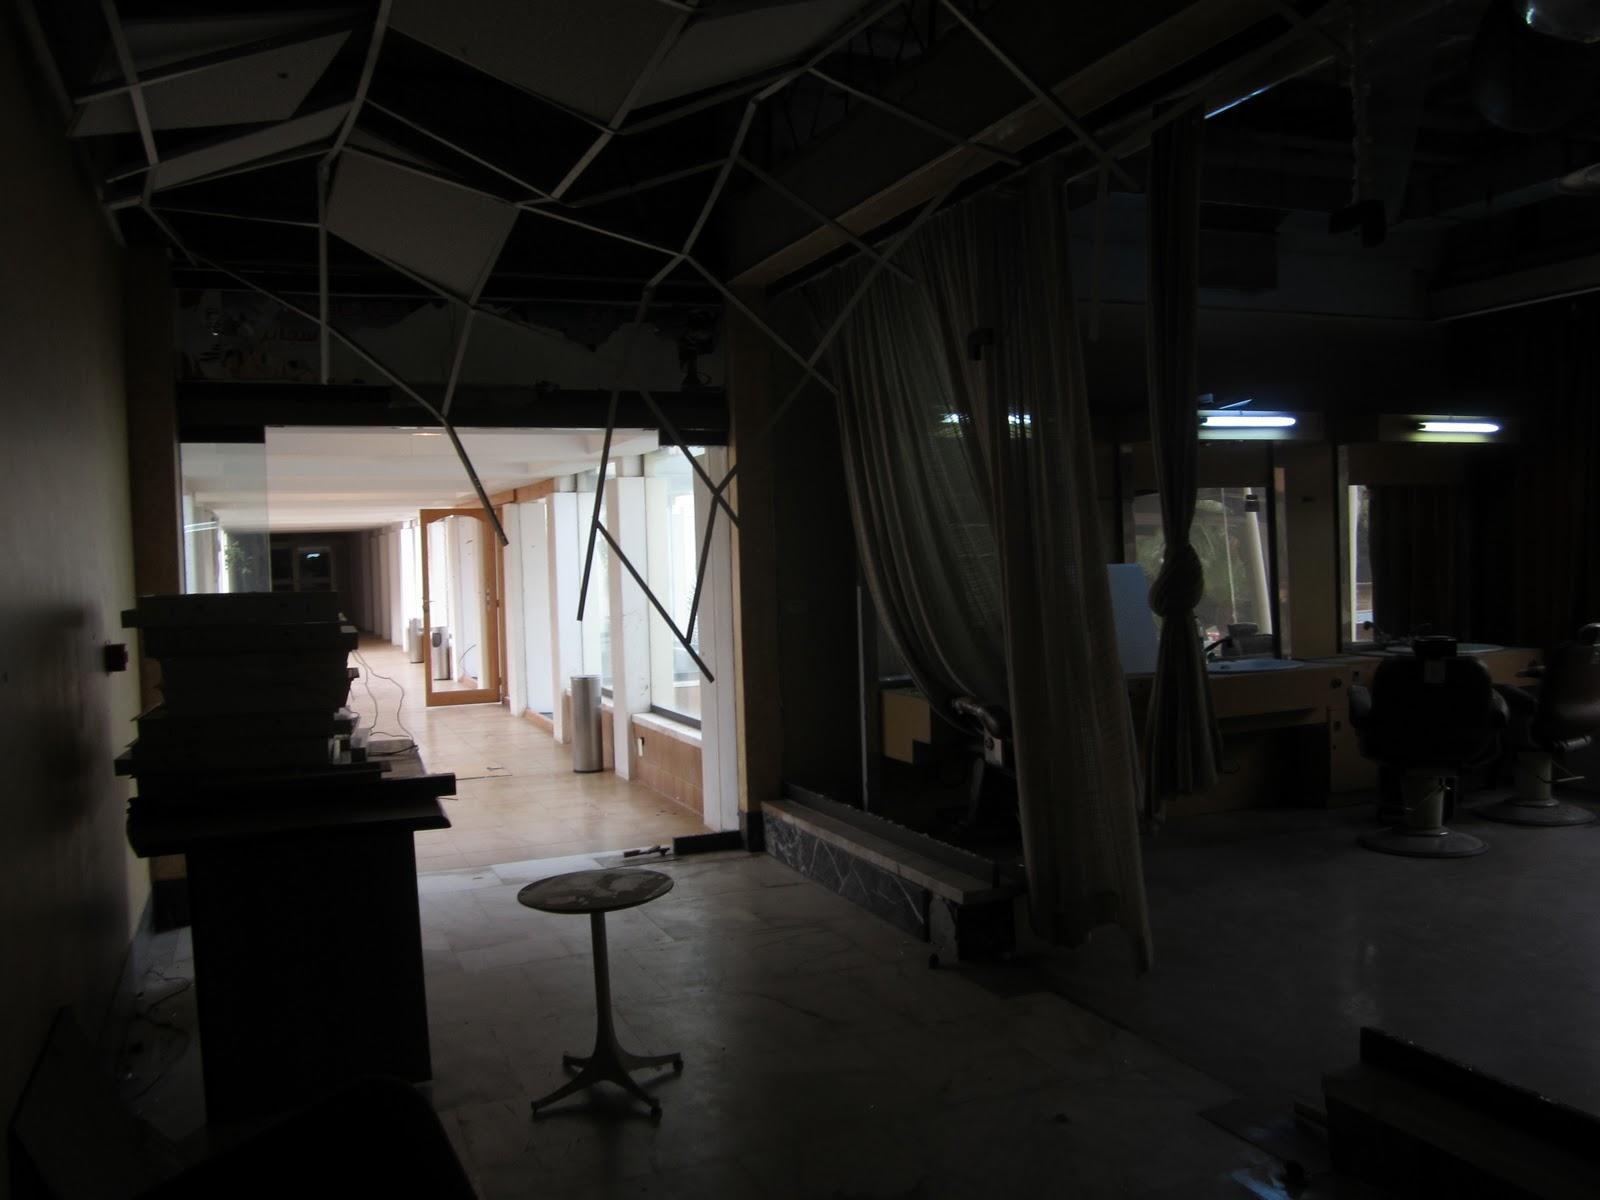 Inside the Gostik Hotel